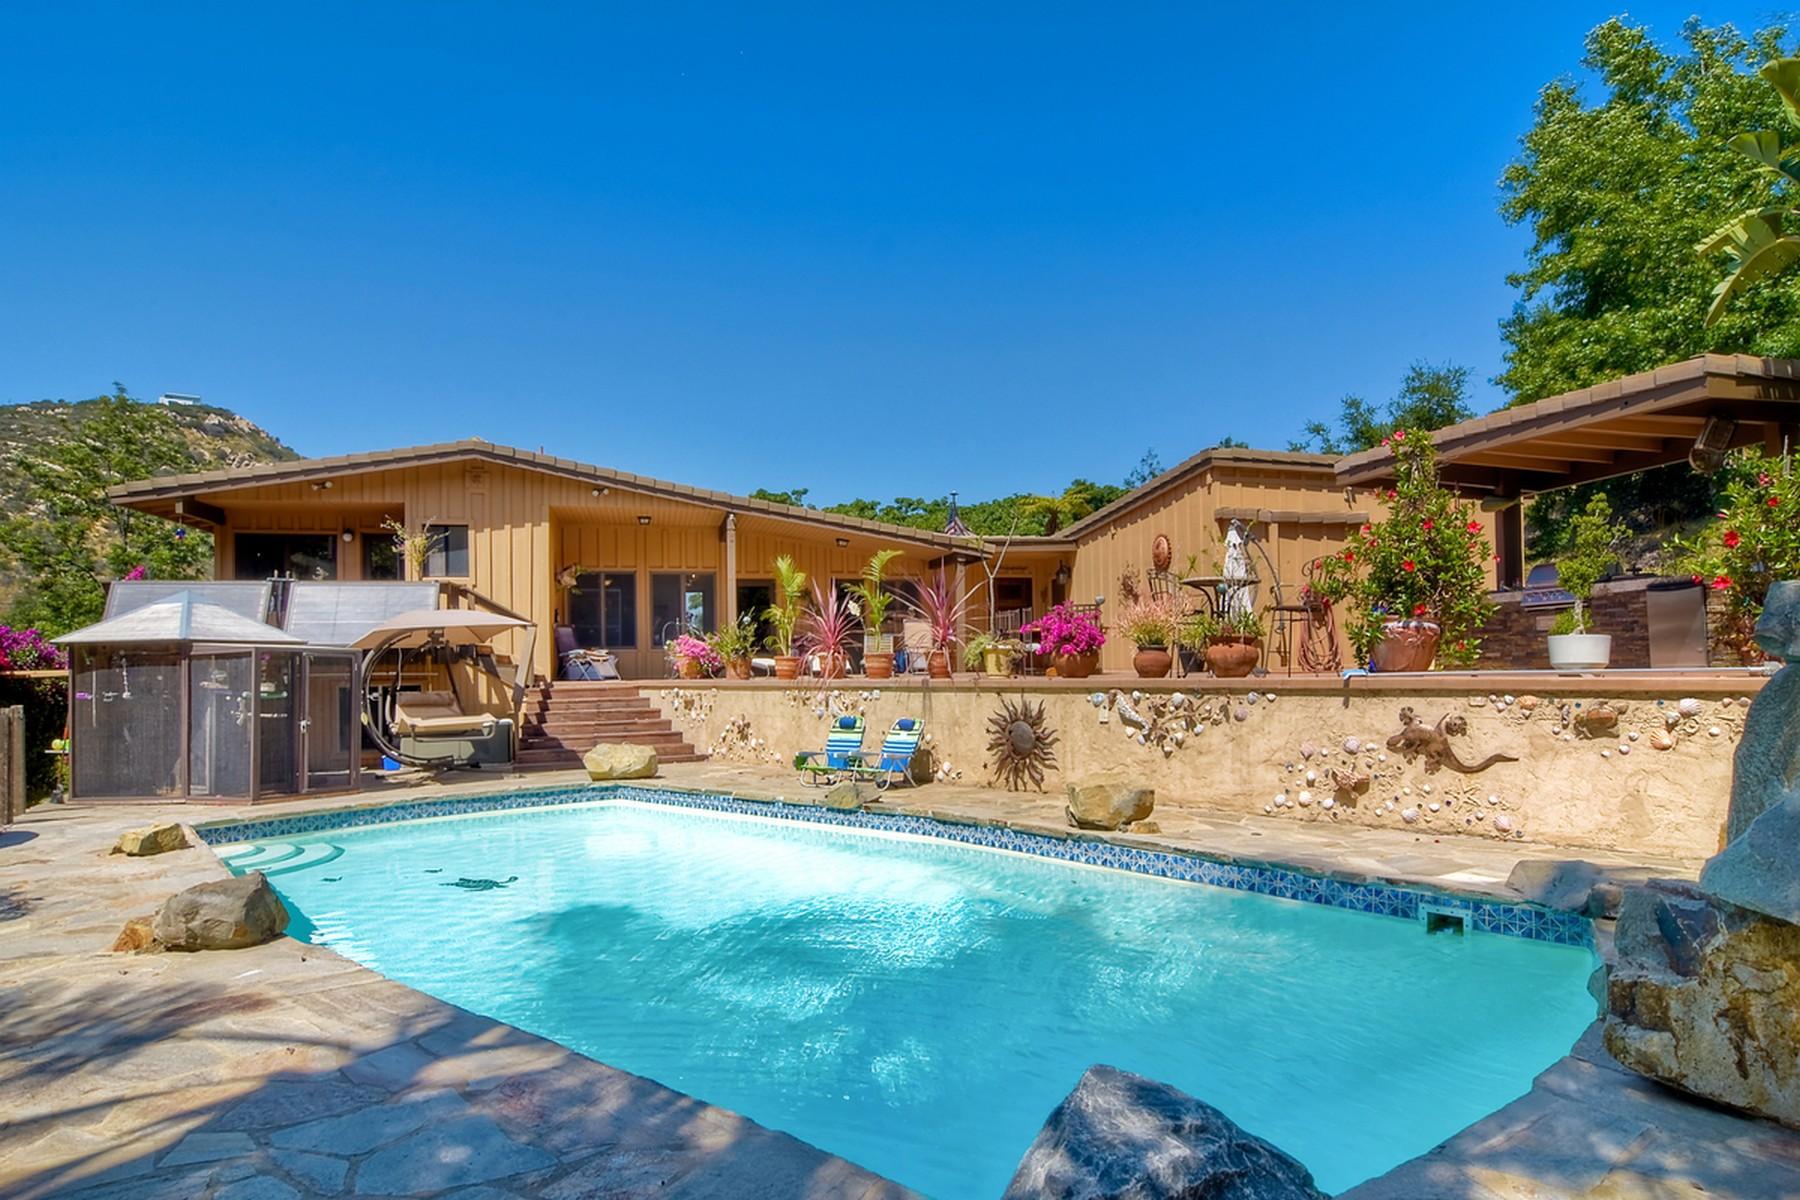 独户住宅 为 销售 在 9151 Mount Israel 埃斯孔迪多, 加利福尼亚州, 92029 美国